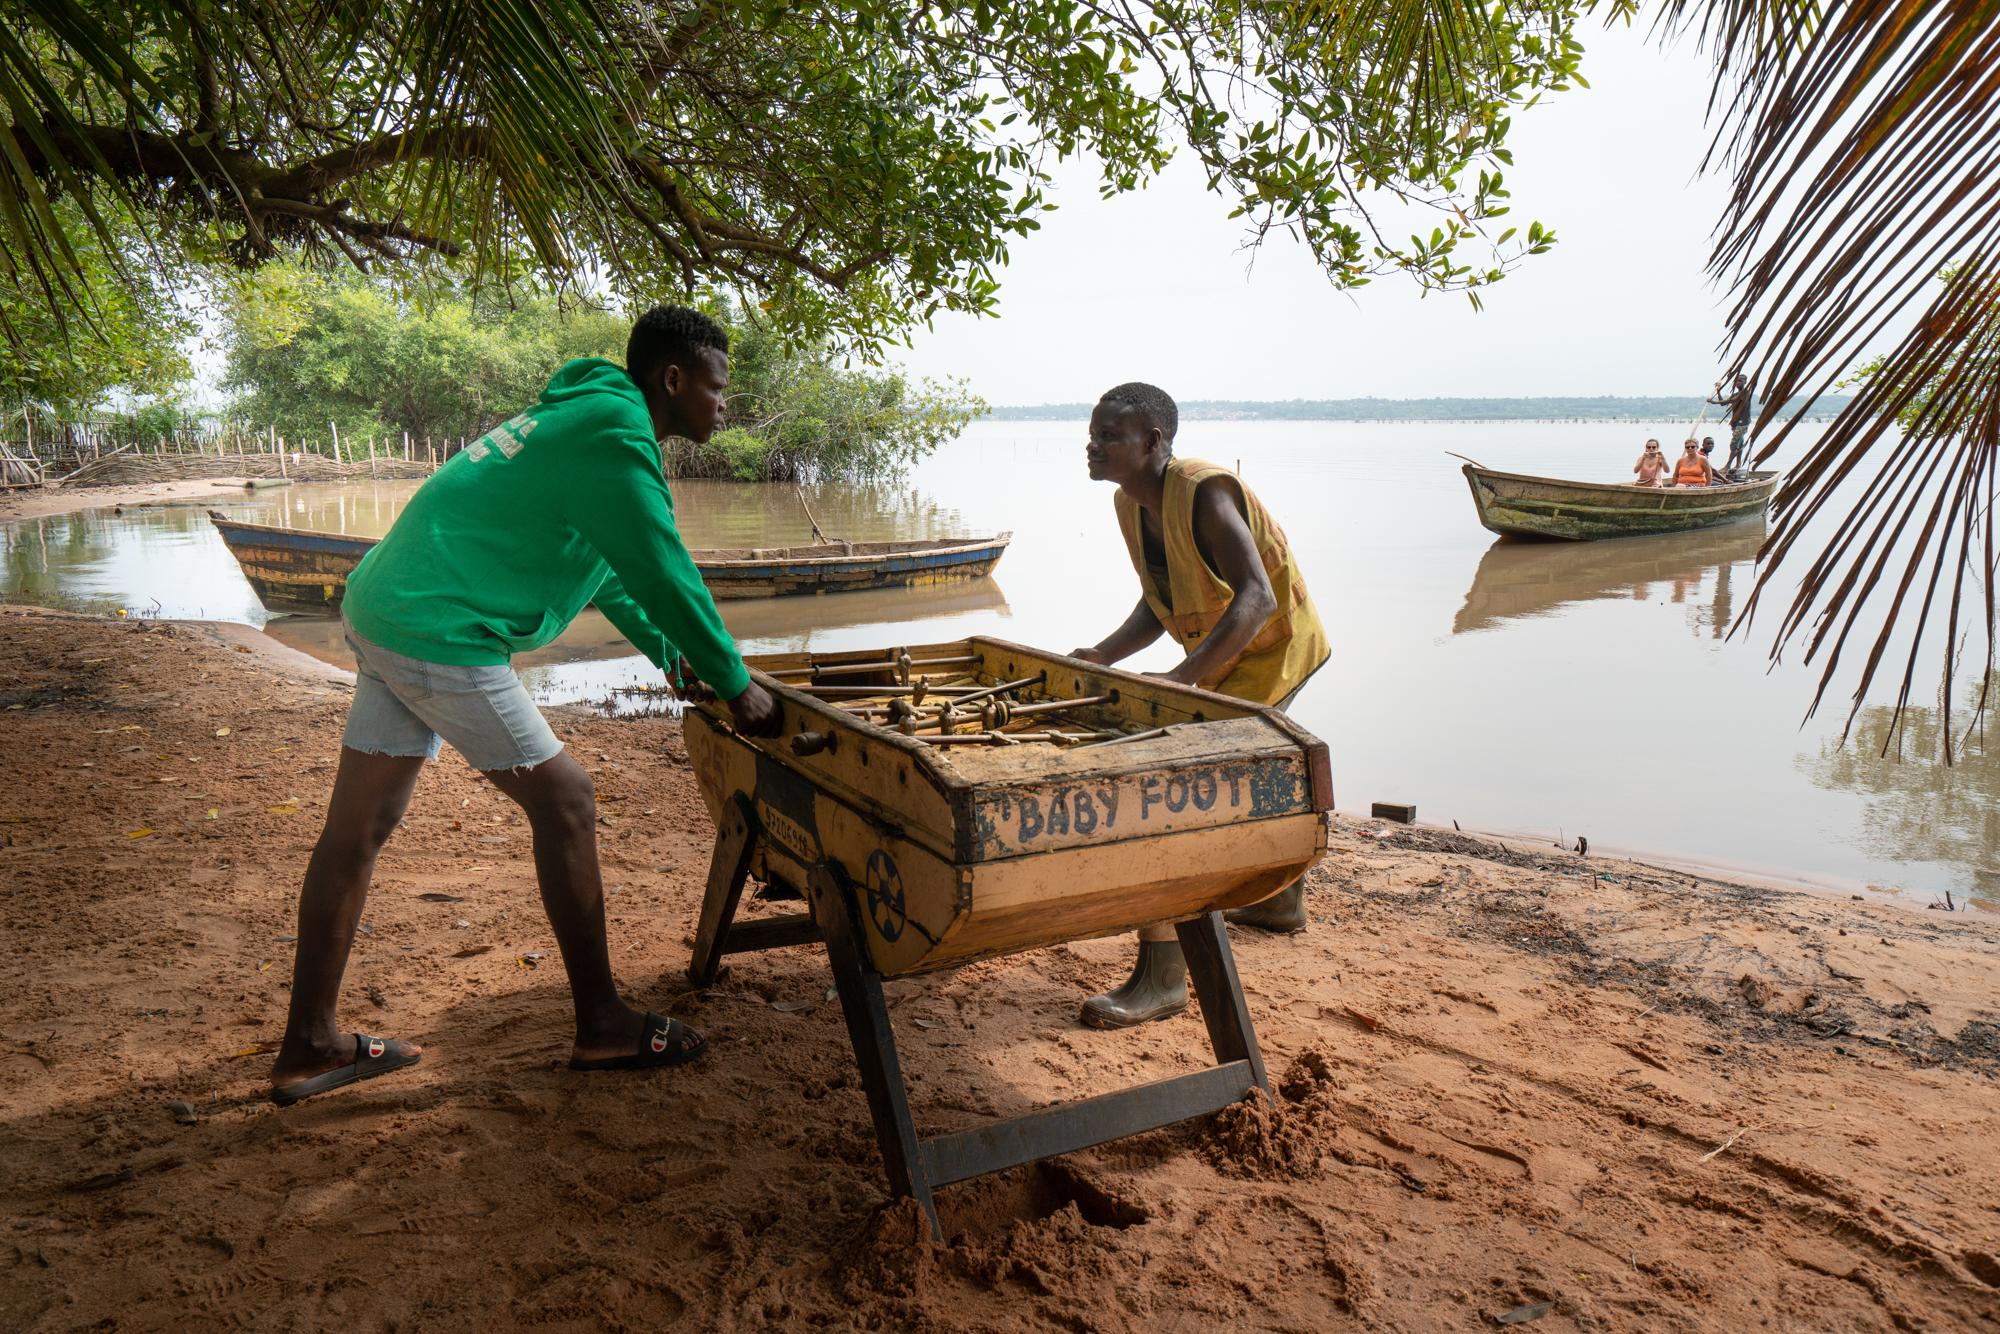 Benin_2000 sin título2018-09881 7952 x 5304.jpg